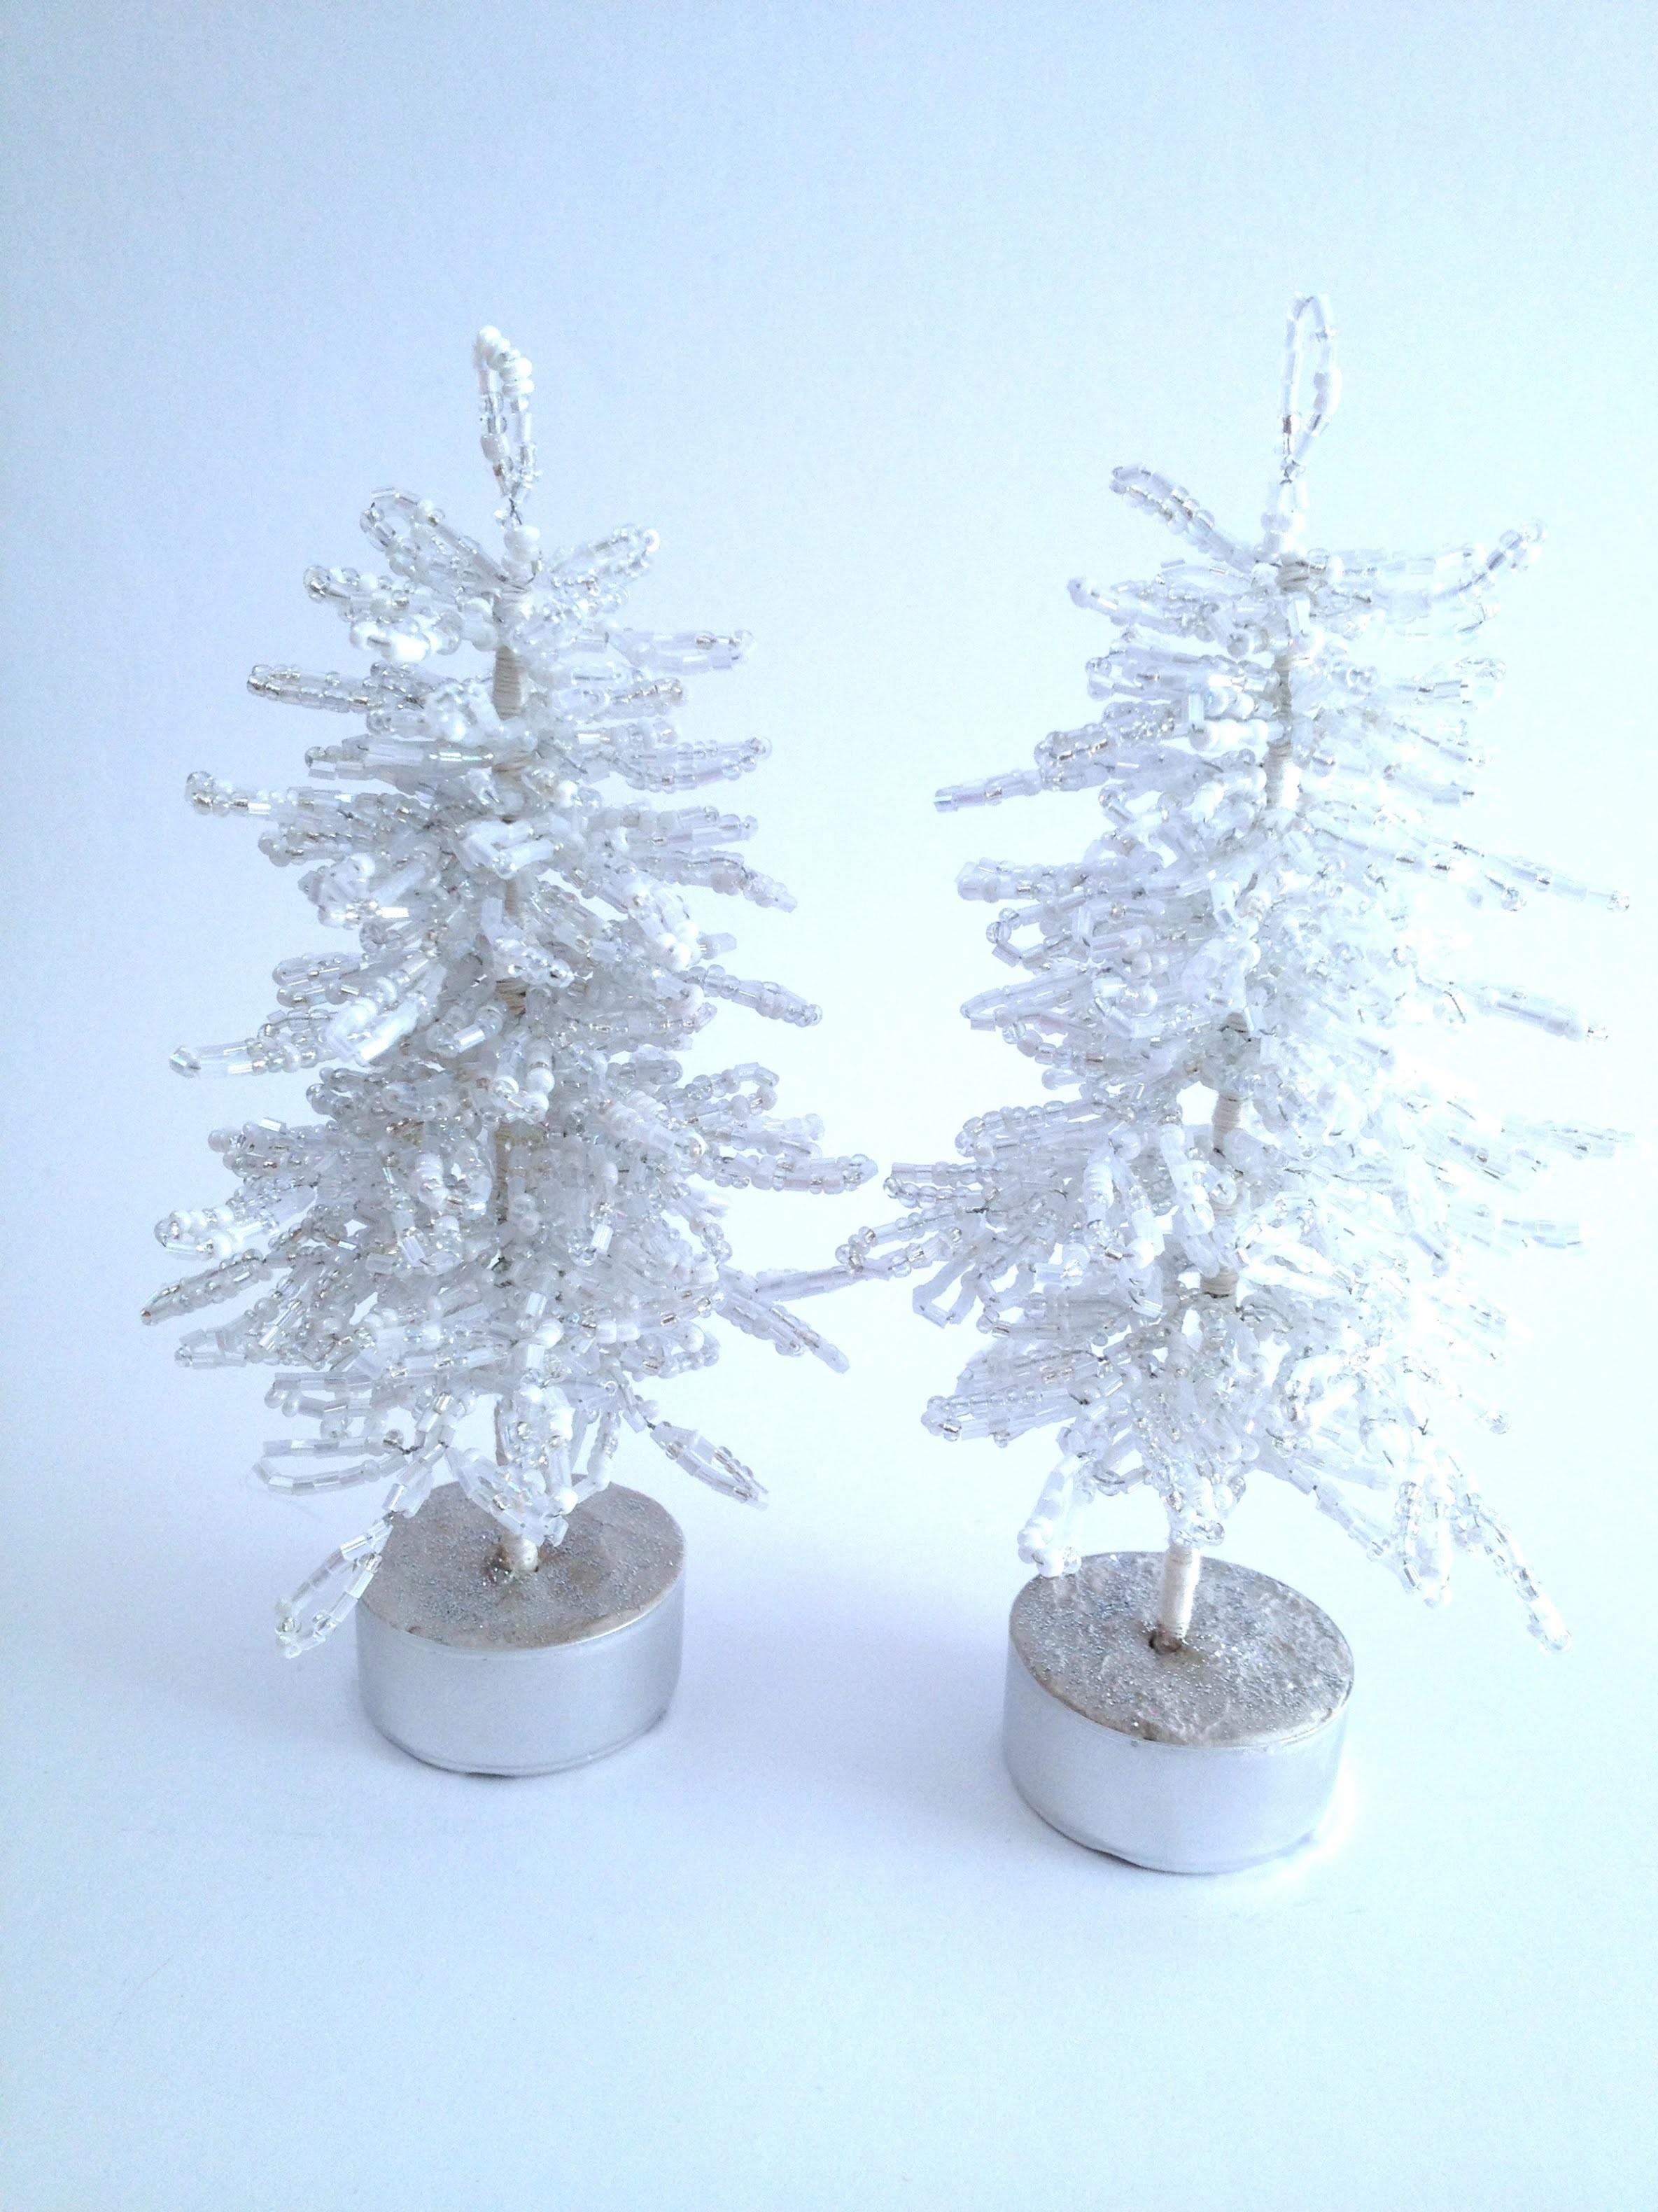 Blaufichte. Fichte. Tannenbaum aus Perlen. Teil 2.2. DIY Weihnachten